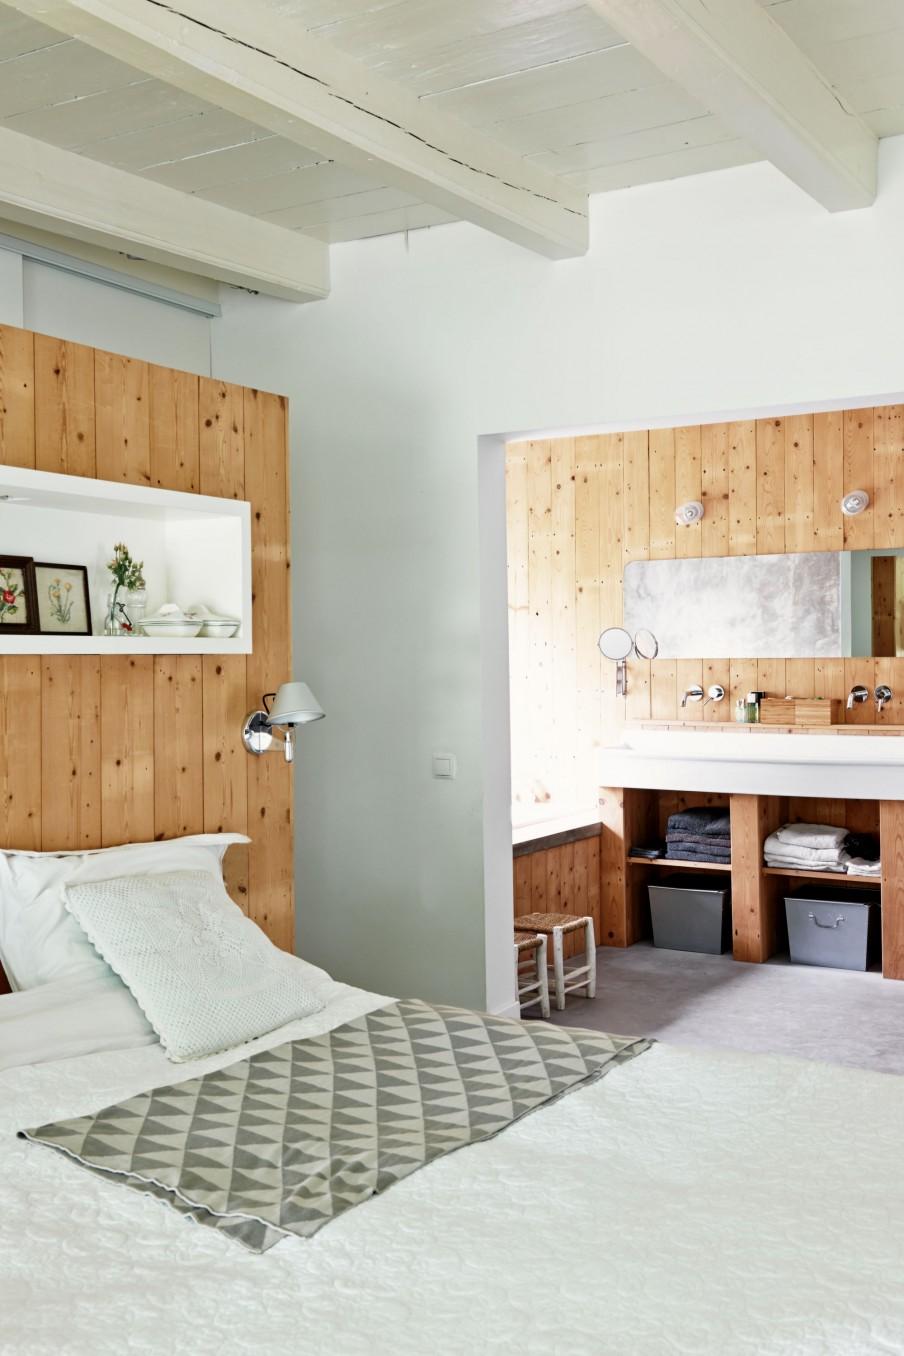 Badkamer van verbouwde stadsboerderij homease - Slaapkamer met zichtbare balken ...